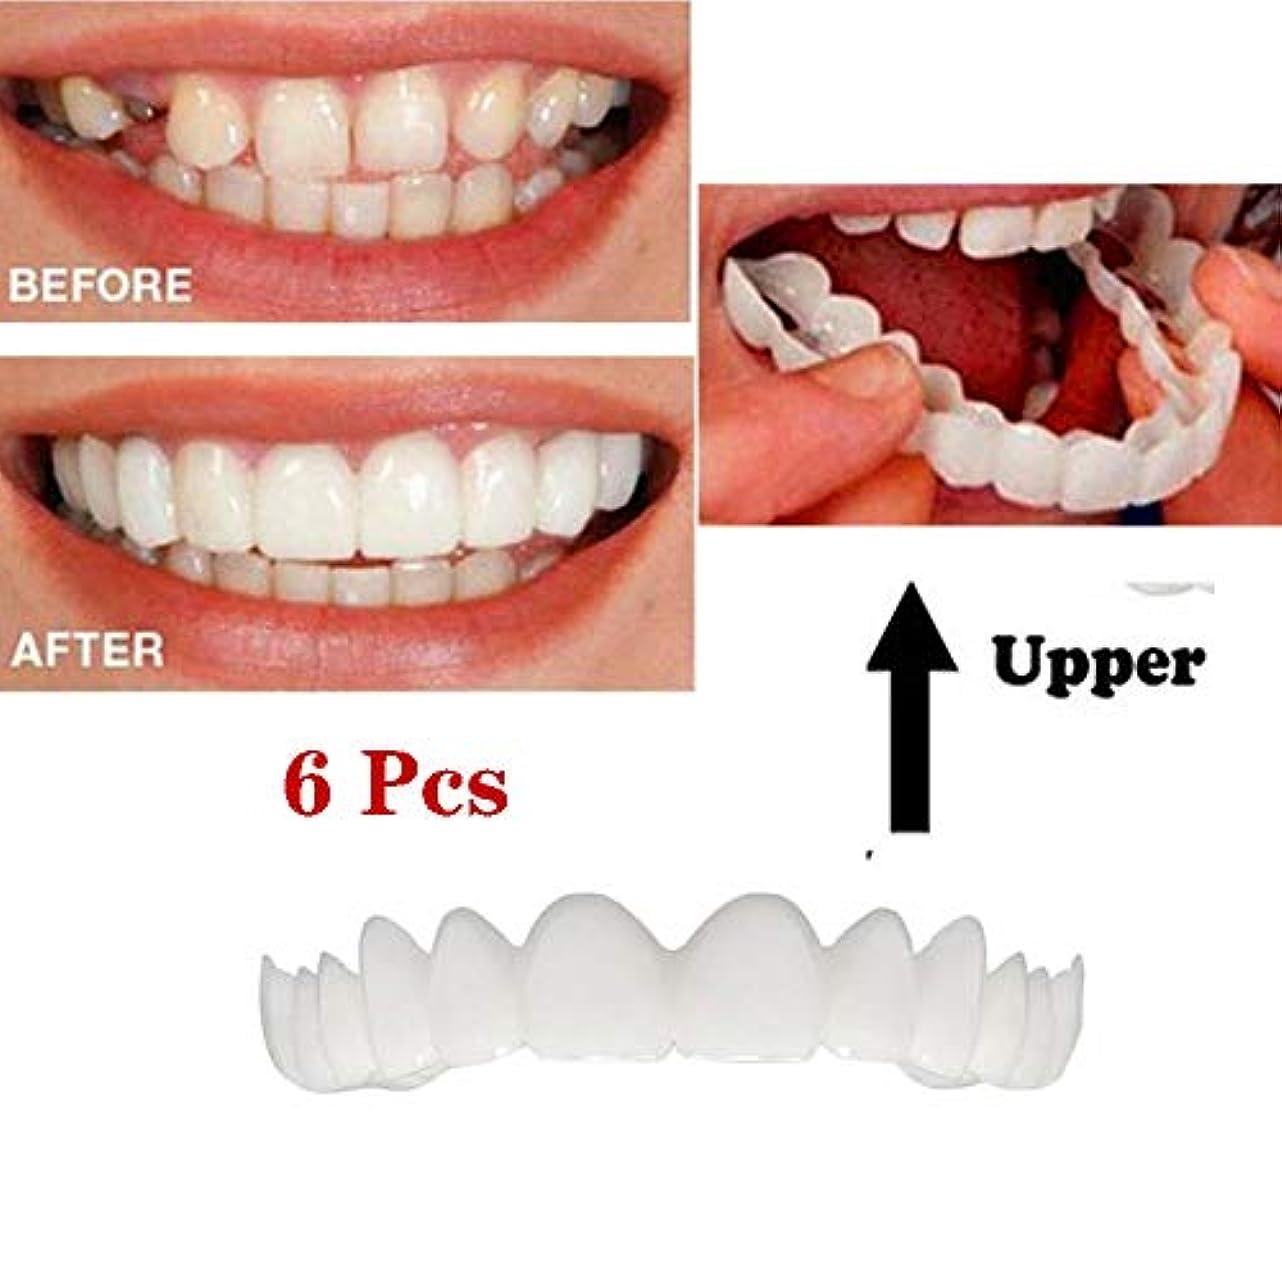 サロンアプライアンスサーカス義歯口腔ケア歯ホワイトニング義歯口腔ケアアッパーブレーステンポラリー化粧品歯義歯